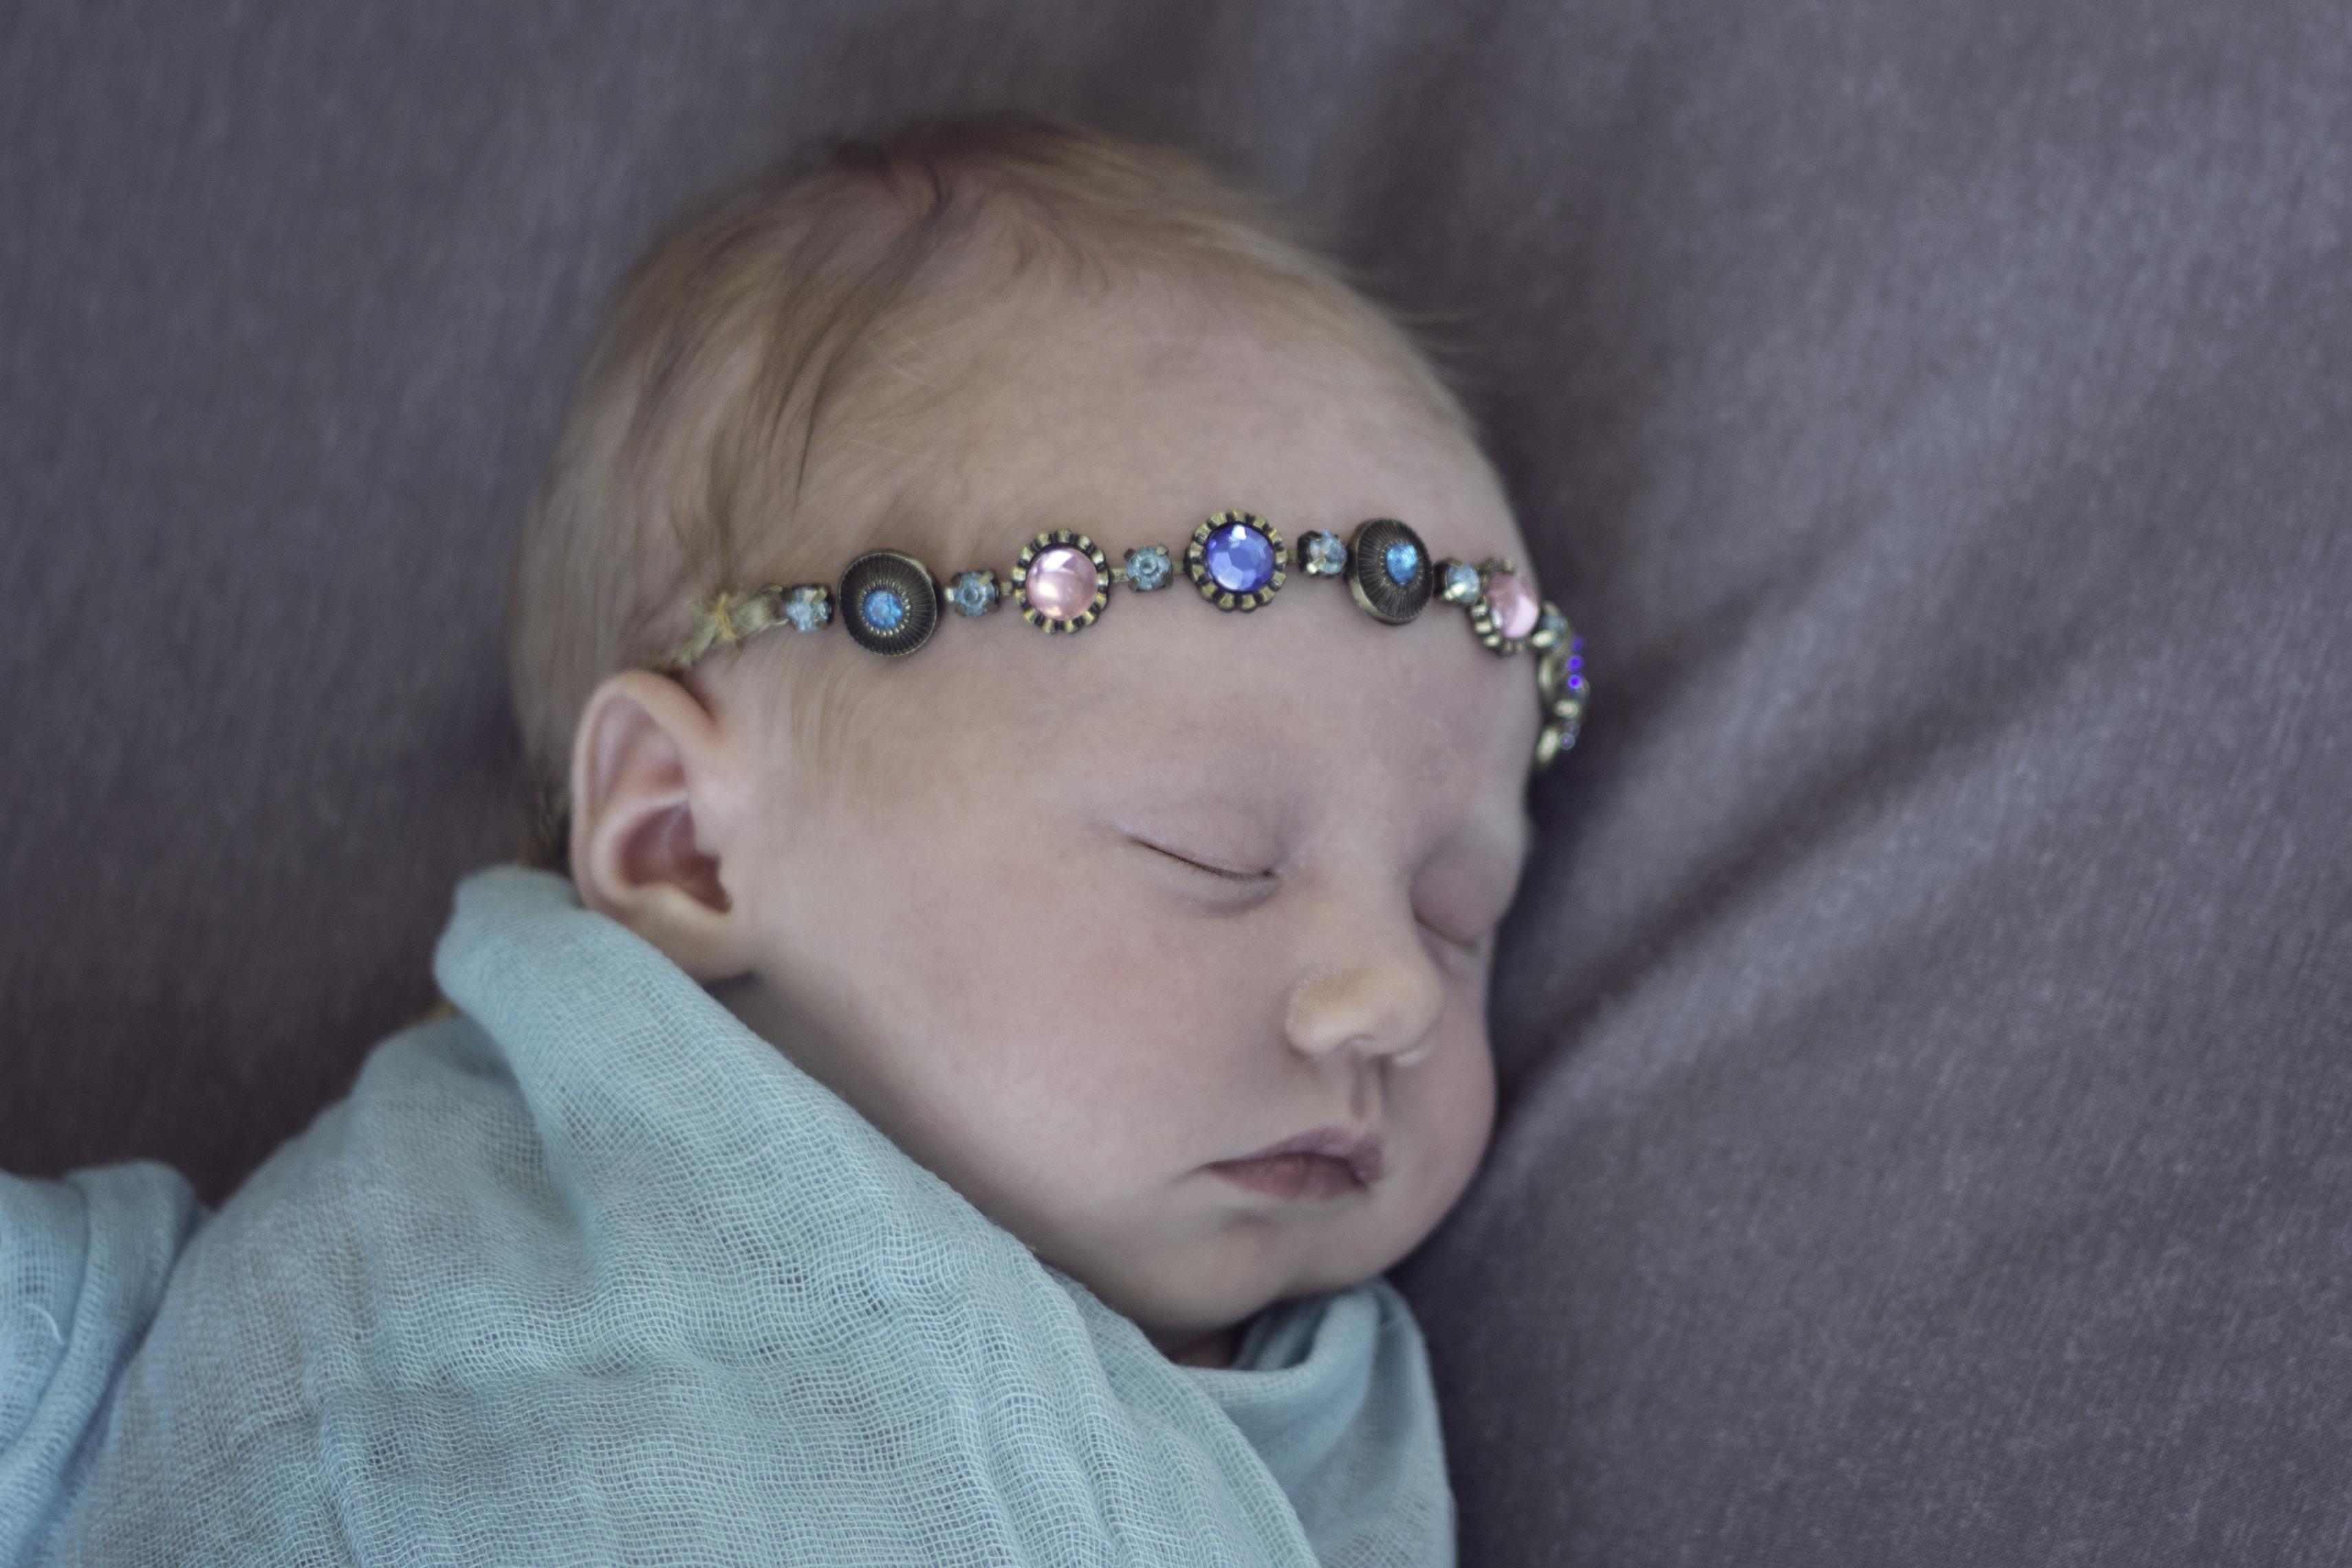 NewbornPamelaGailPhoto.jpg